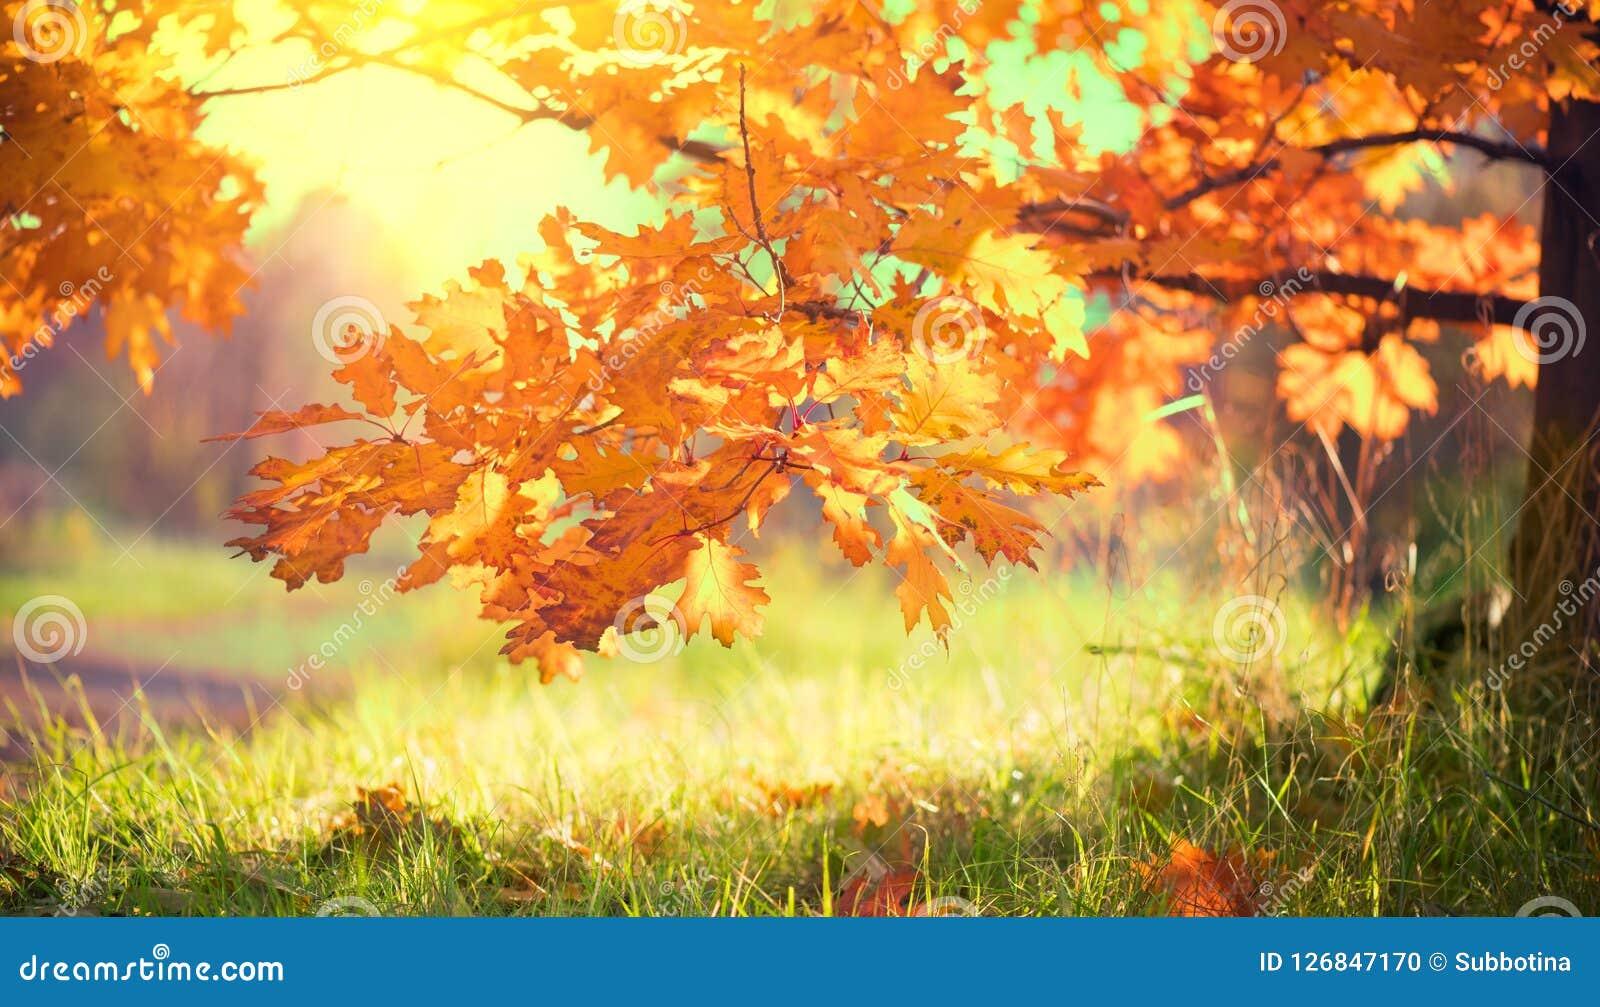 Autumn Landscape Daling Kleurrijke bladeren op een eik in herfstpark